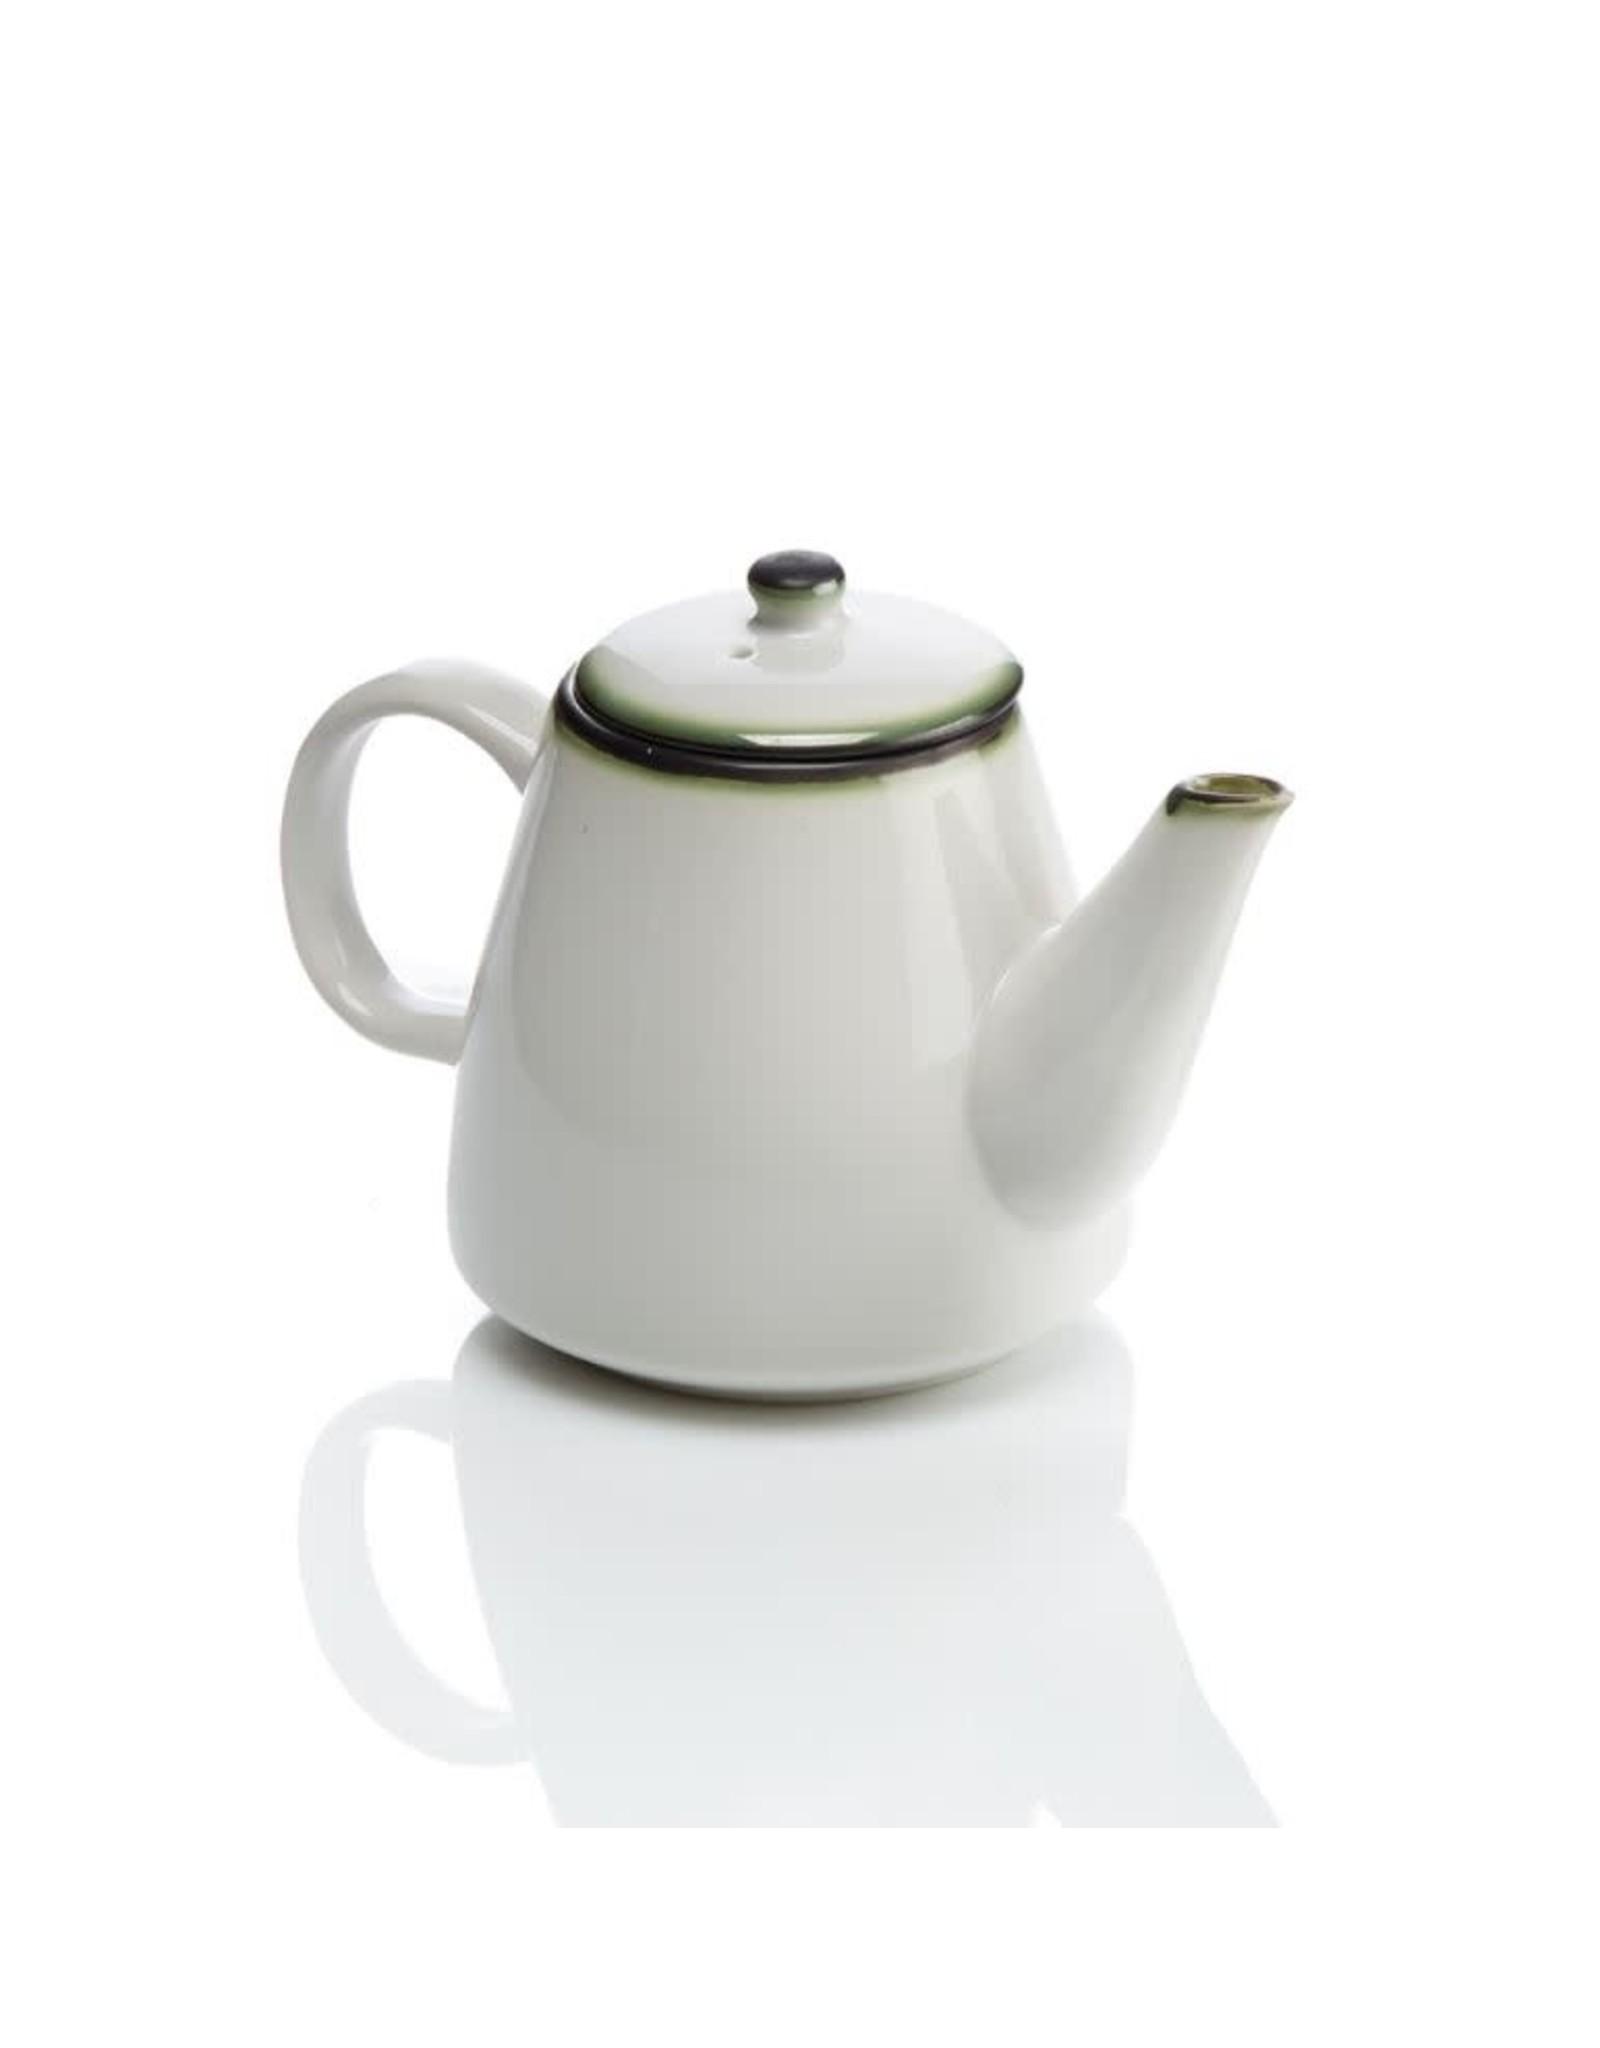 SERRV Modern Line Tea Infuser Pot, Vietnam